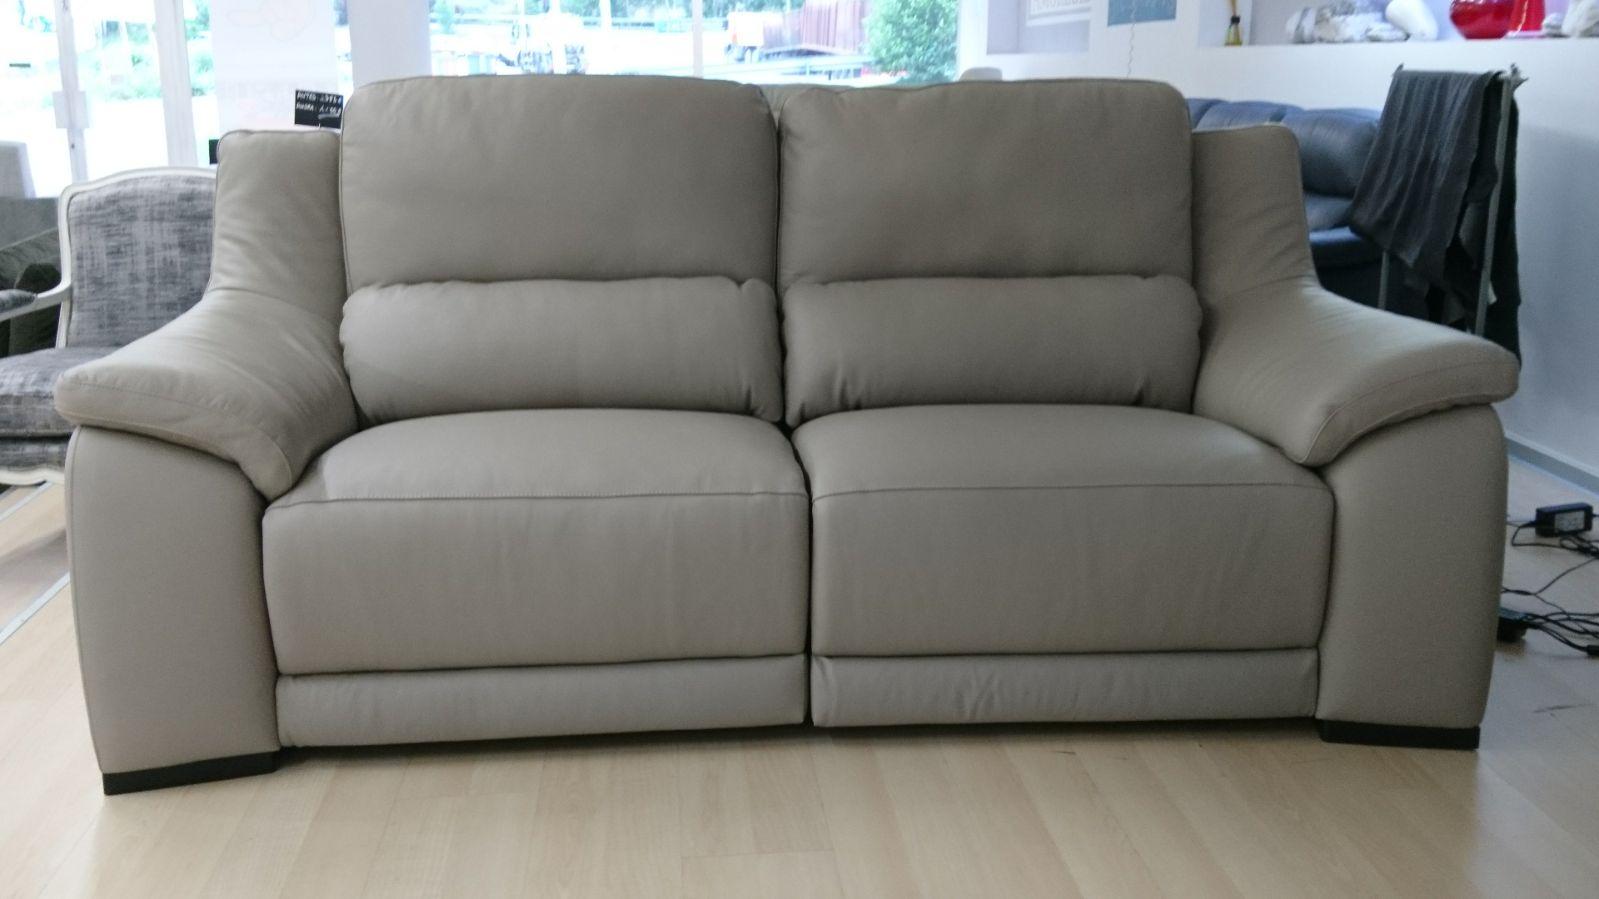 Tu sofa bizkaia - Tiendas de sofas en guipuzcoa ...